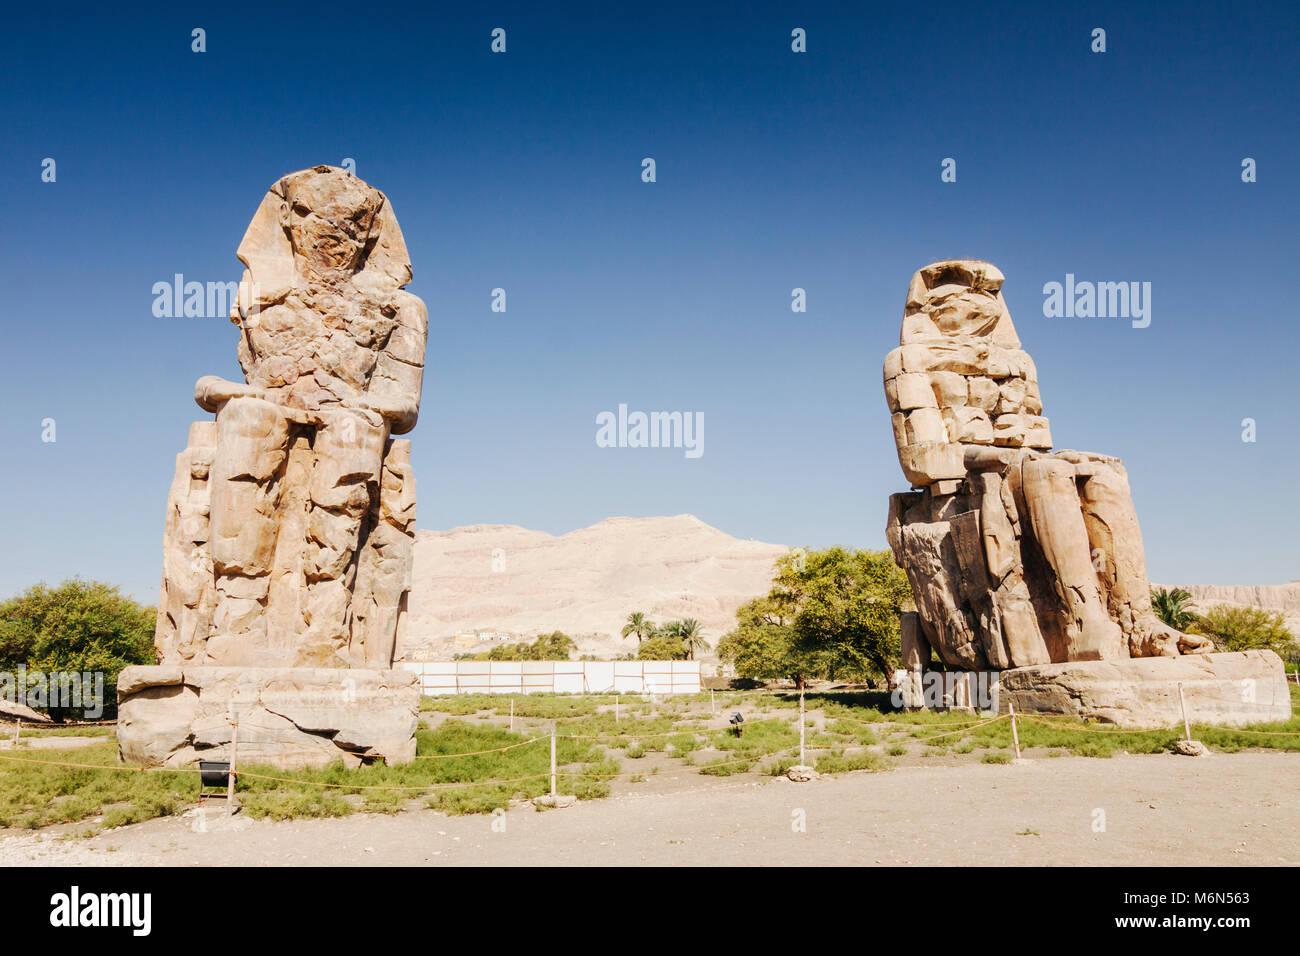 Louxor, Egypte. Colosses de Memnon, deux énormes statues de pierre du pharaon Aménophis III, qui régna Photo Stock